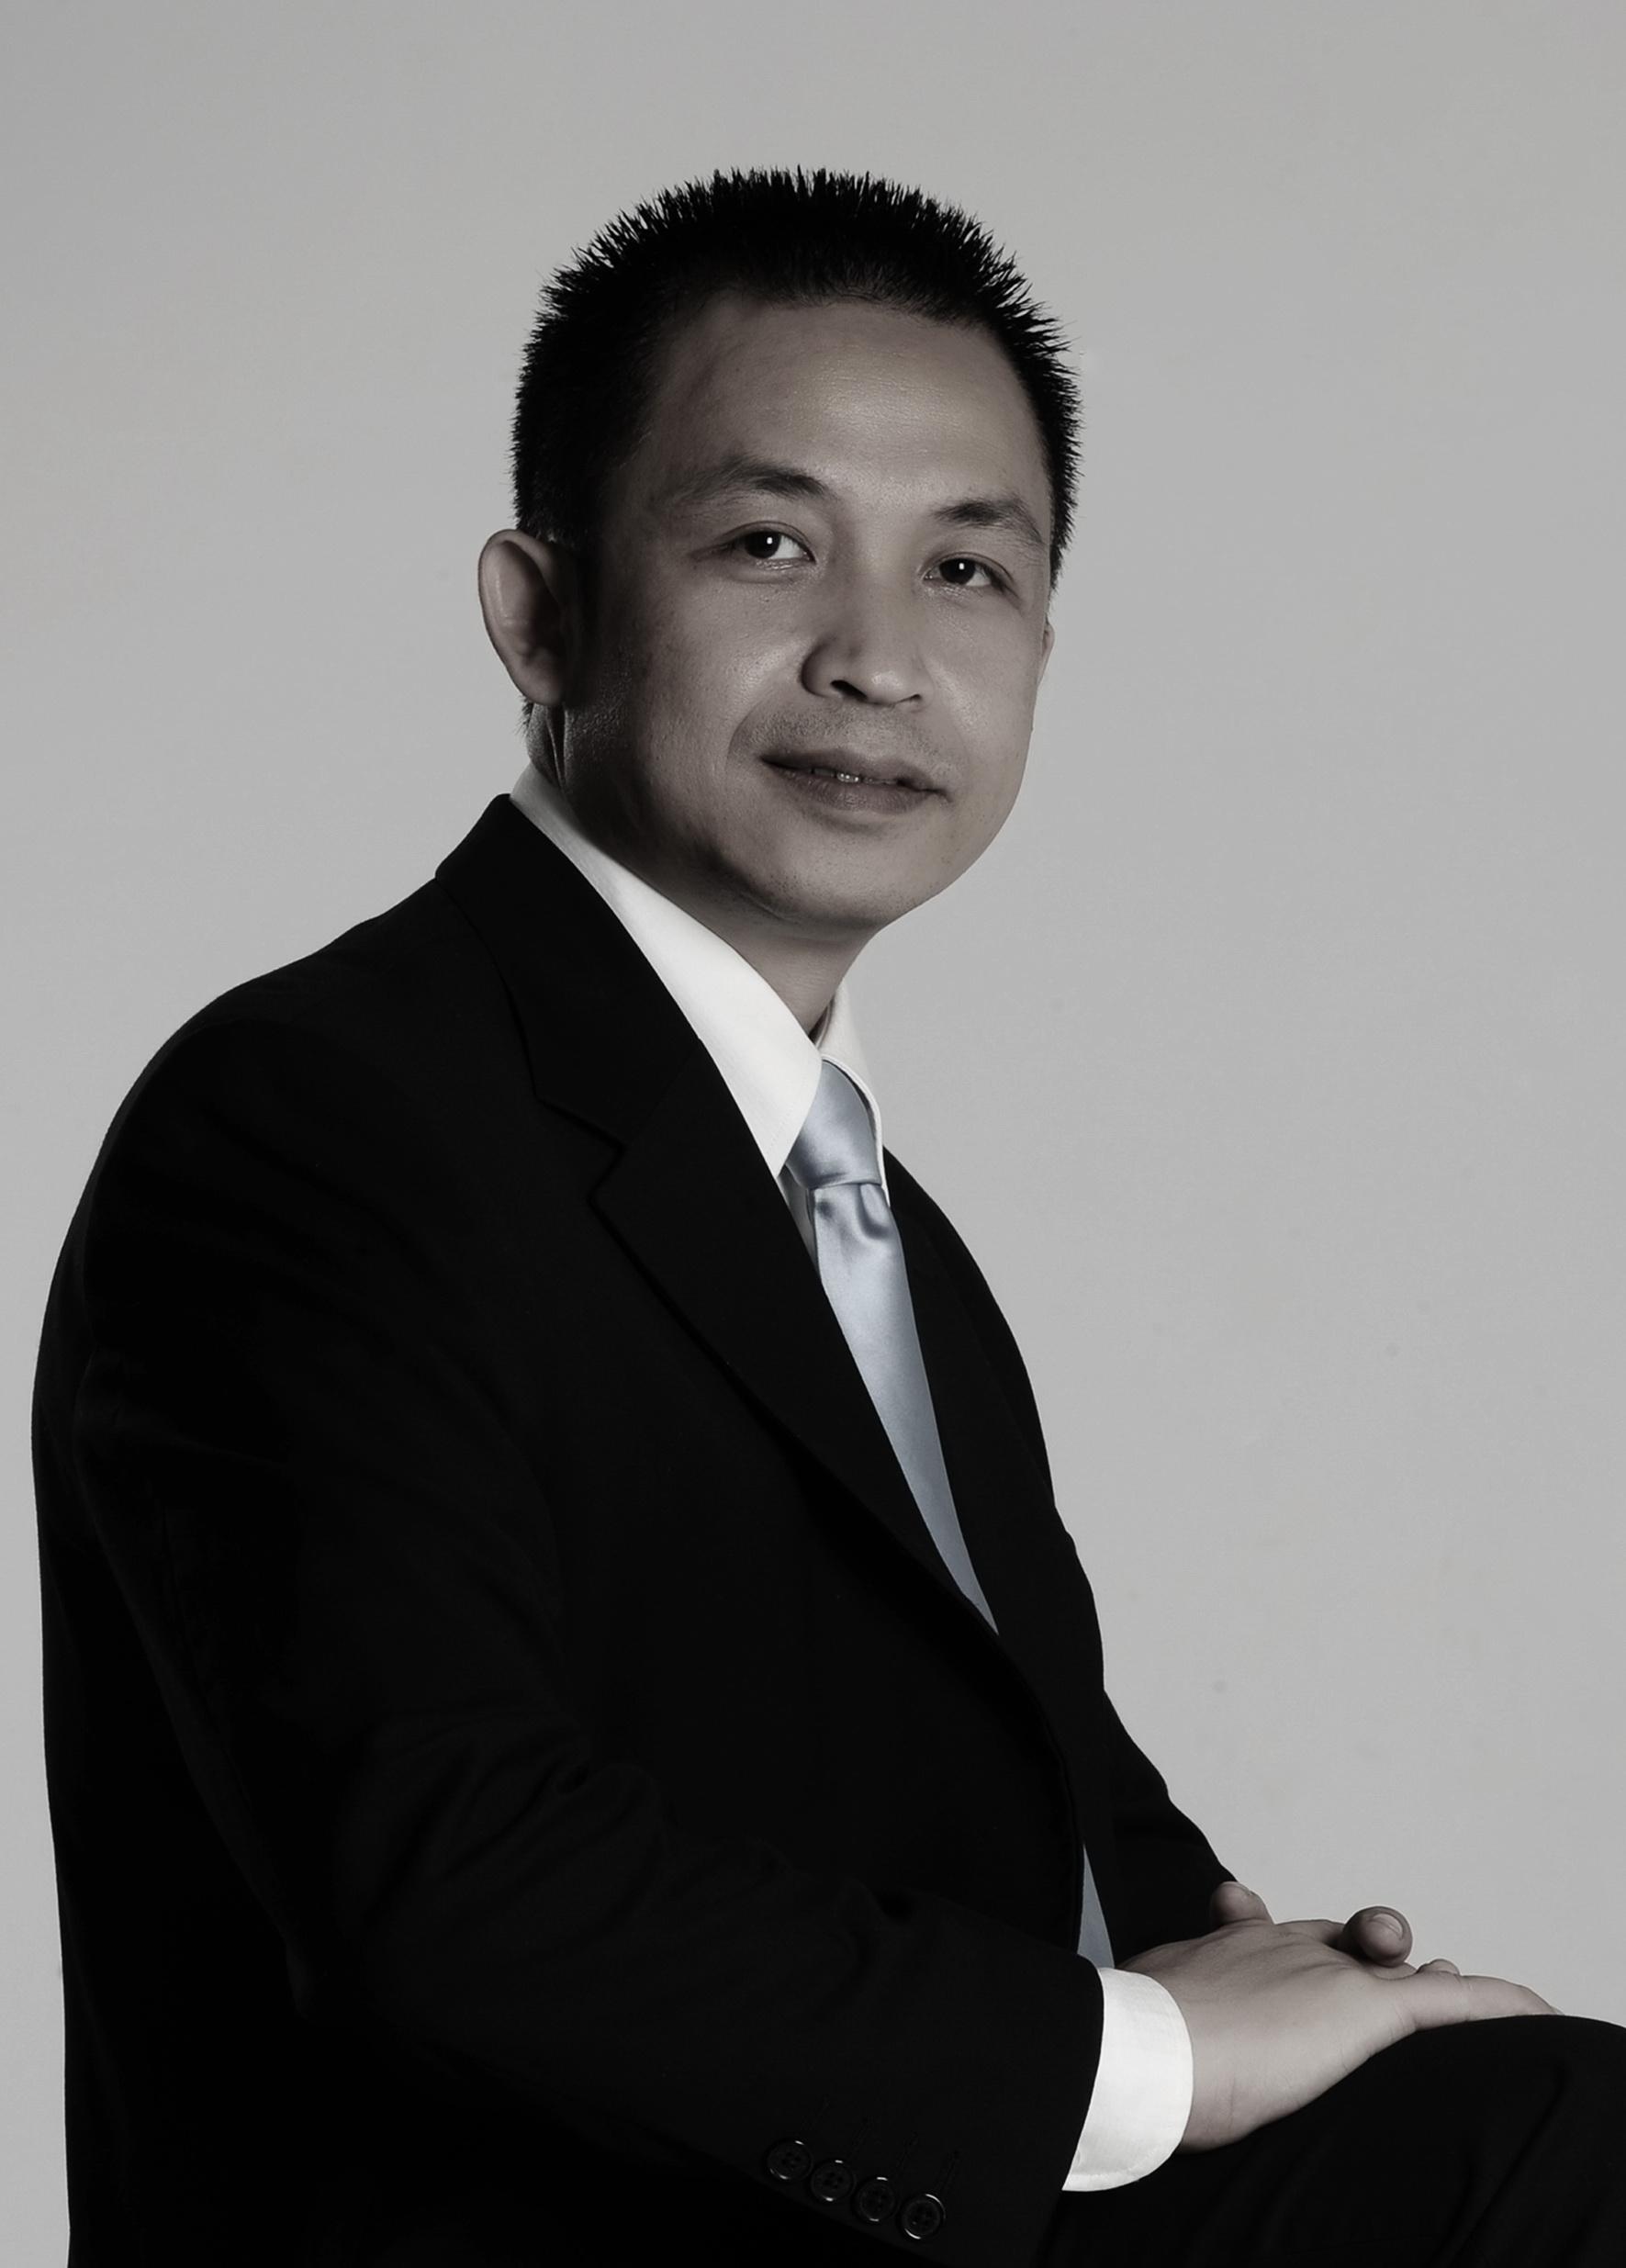 Bất động sản 2012 qua góc nhìn doanh nghiệp